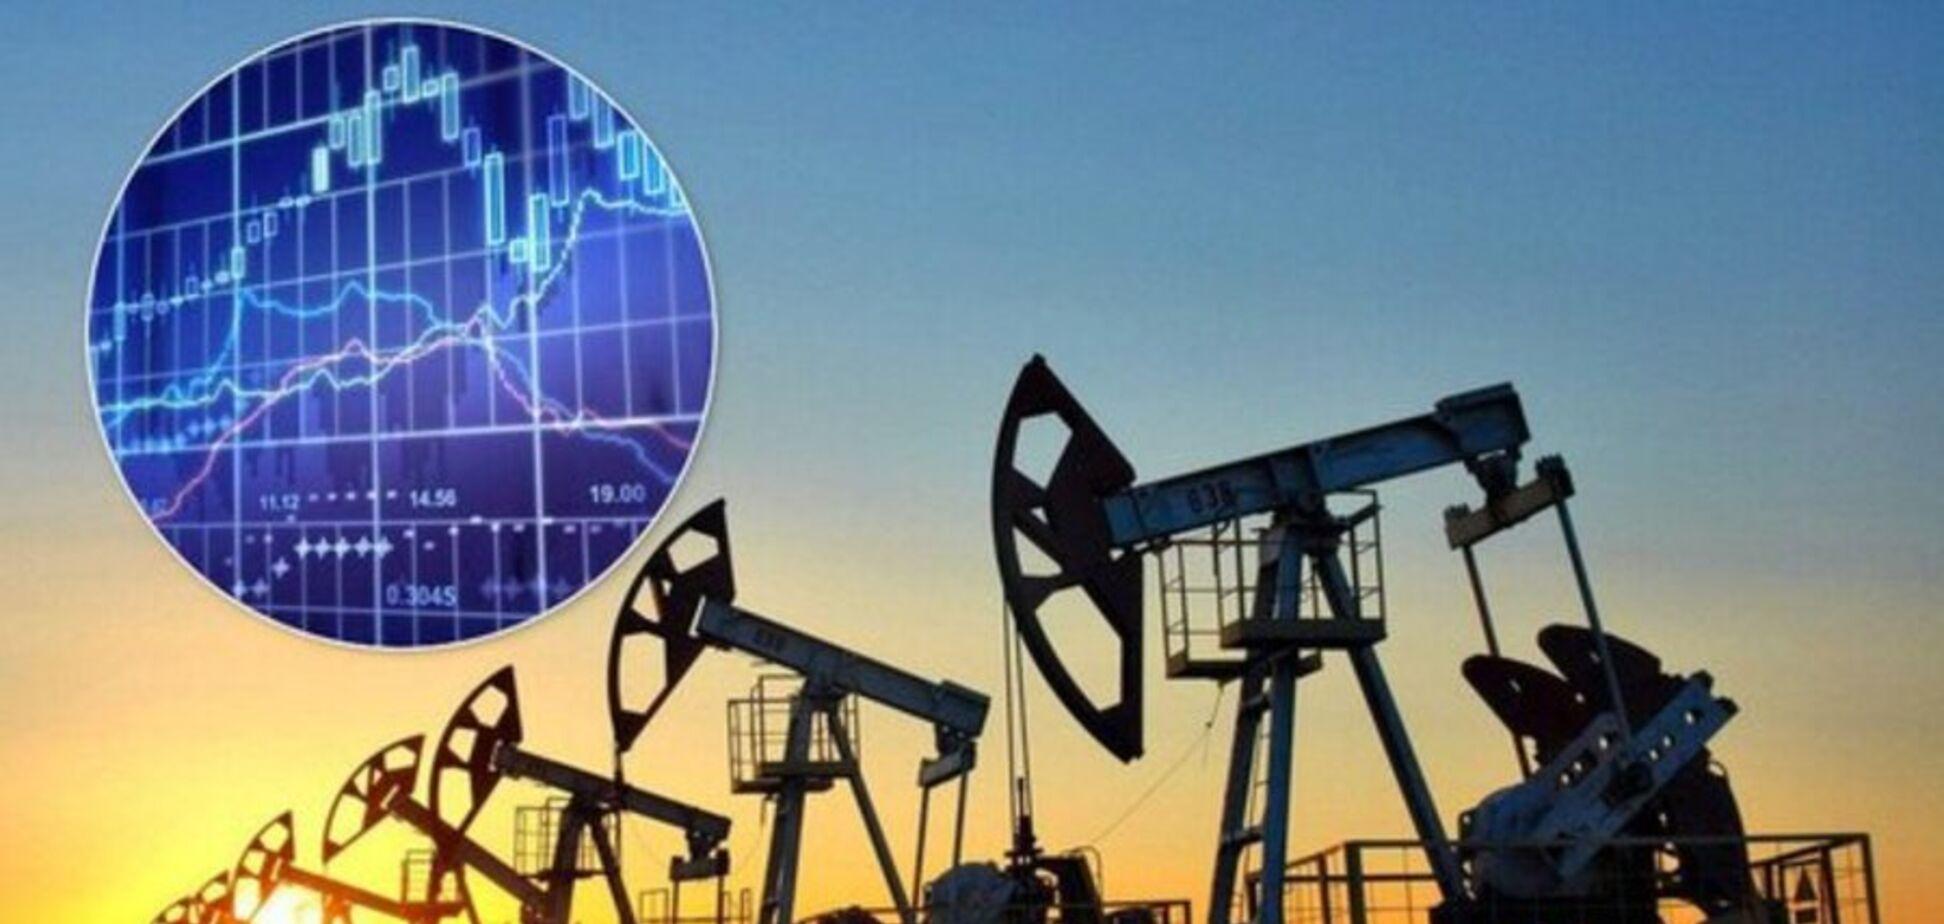 Цены на нефть будут падать: эксперт объяснил причины